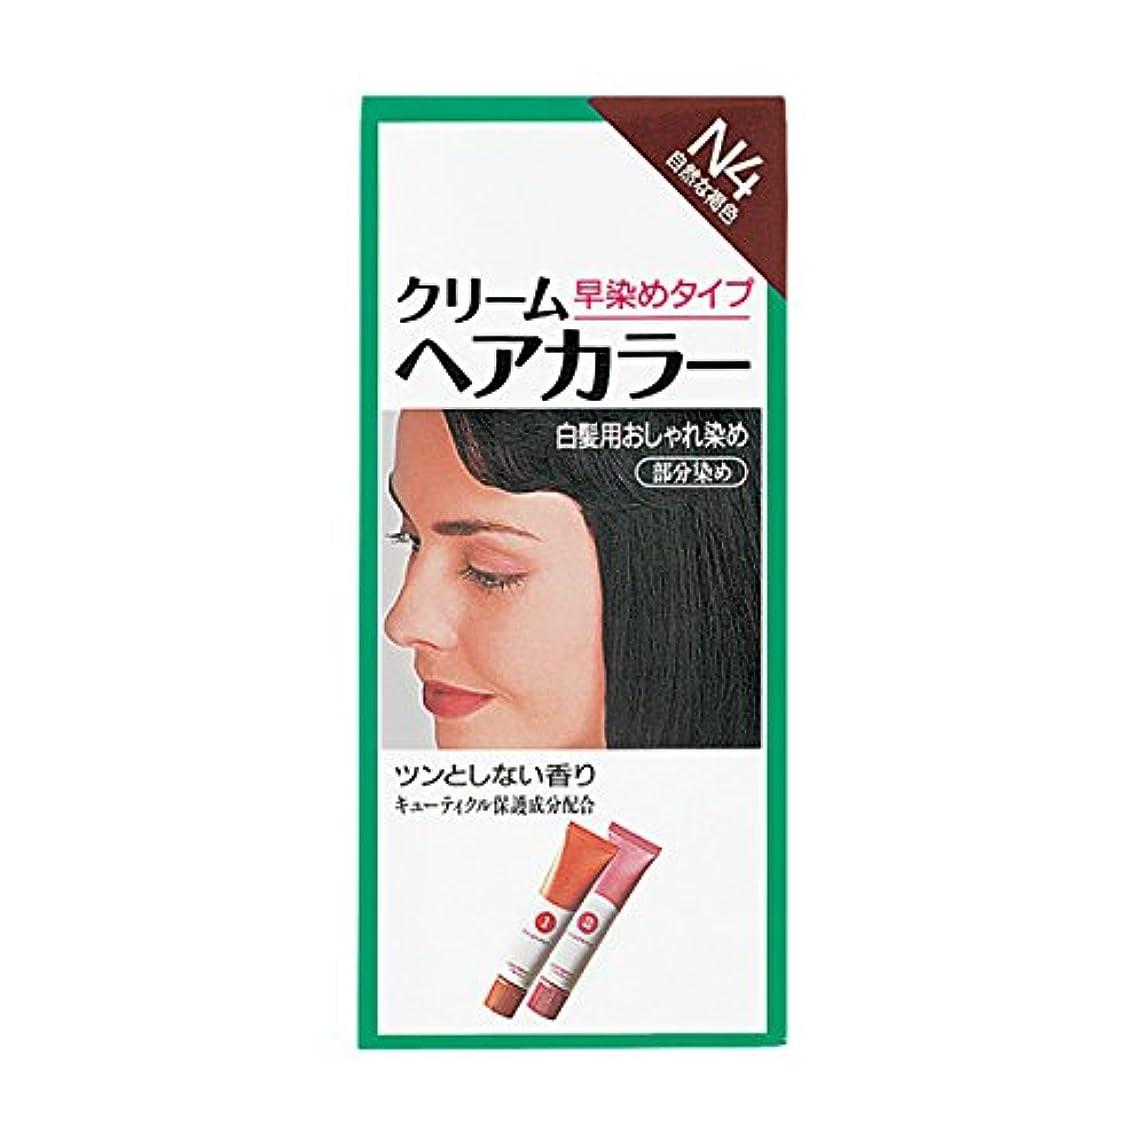 花火許容できる確かにヘアカラー クリームヘアカラーN N4 【医薬部外品】